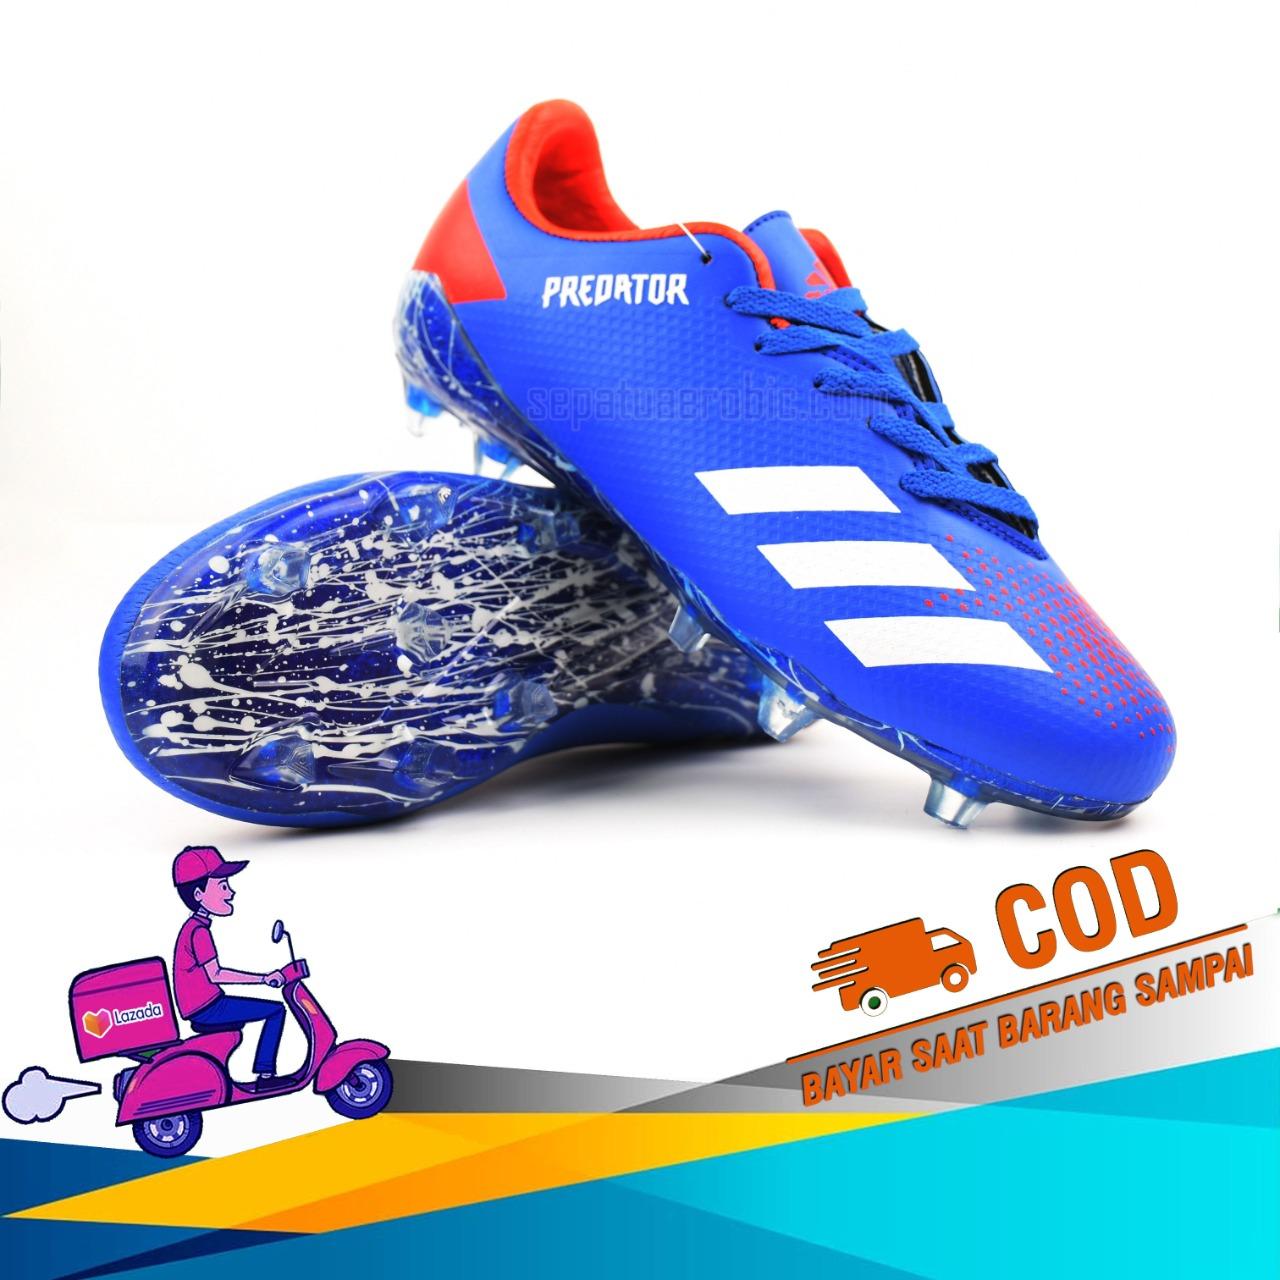 Sepatu Bola_Adidas_Predator Blue Red Terbaru Termurah